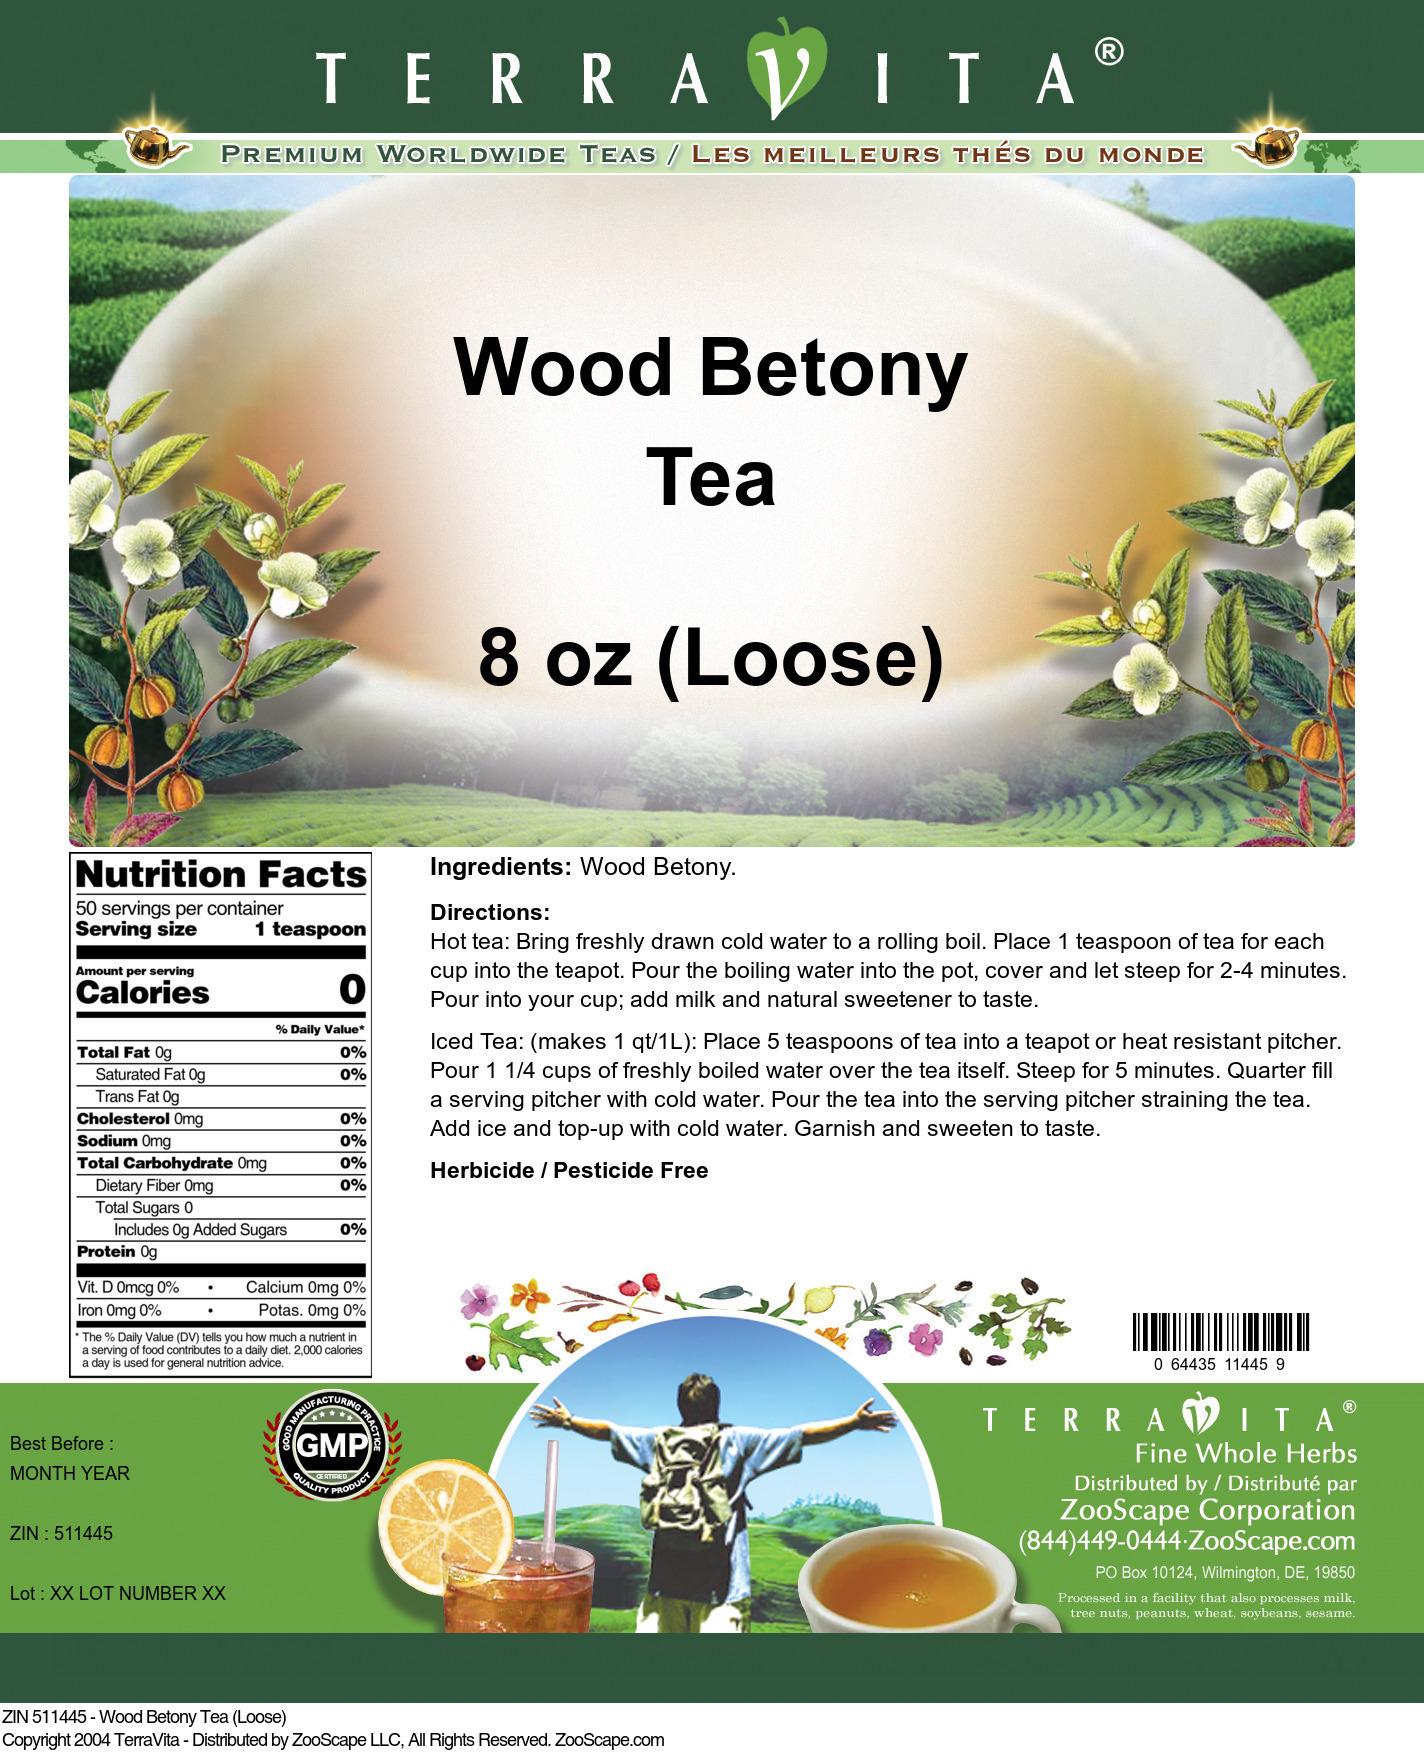 Wood Betony Tea (Loose)